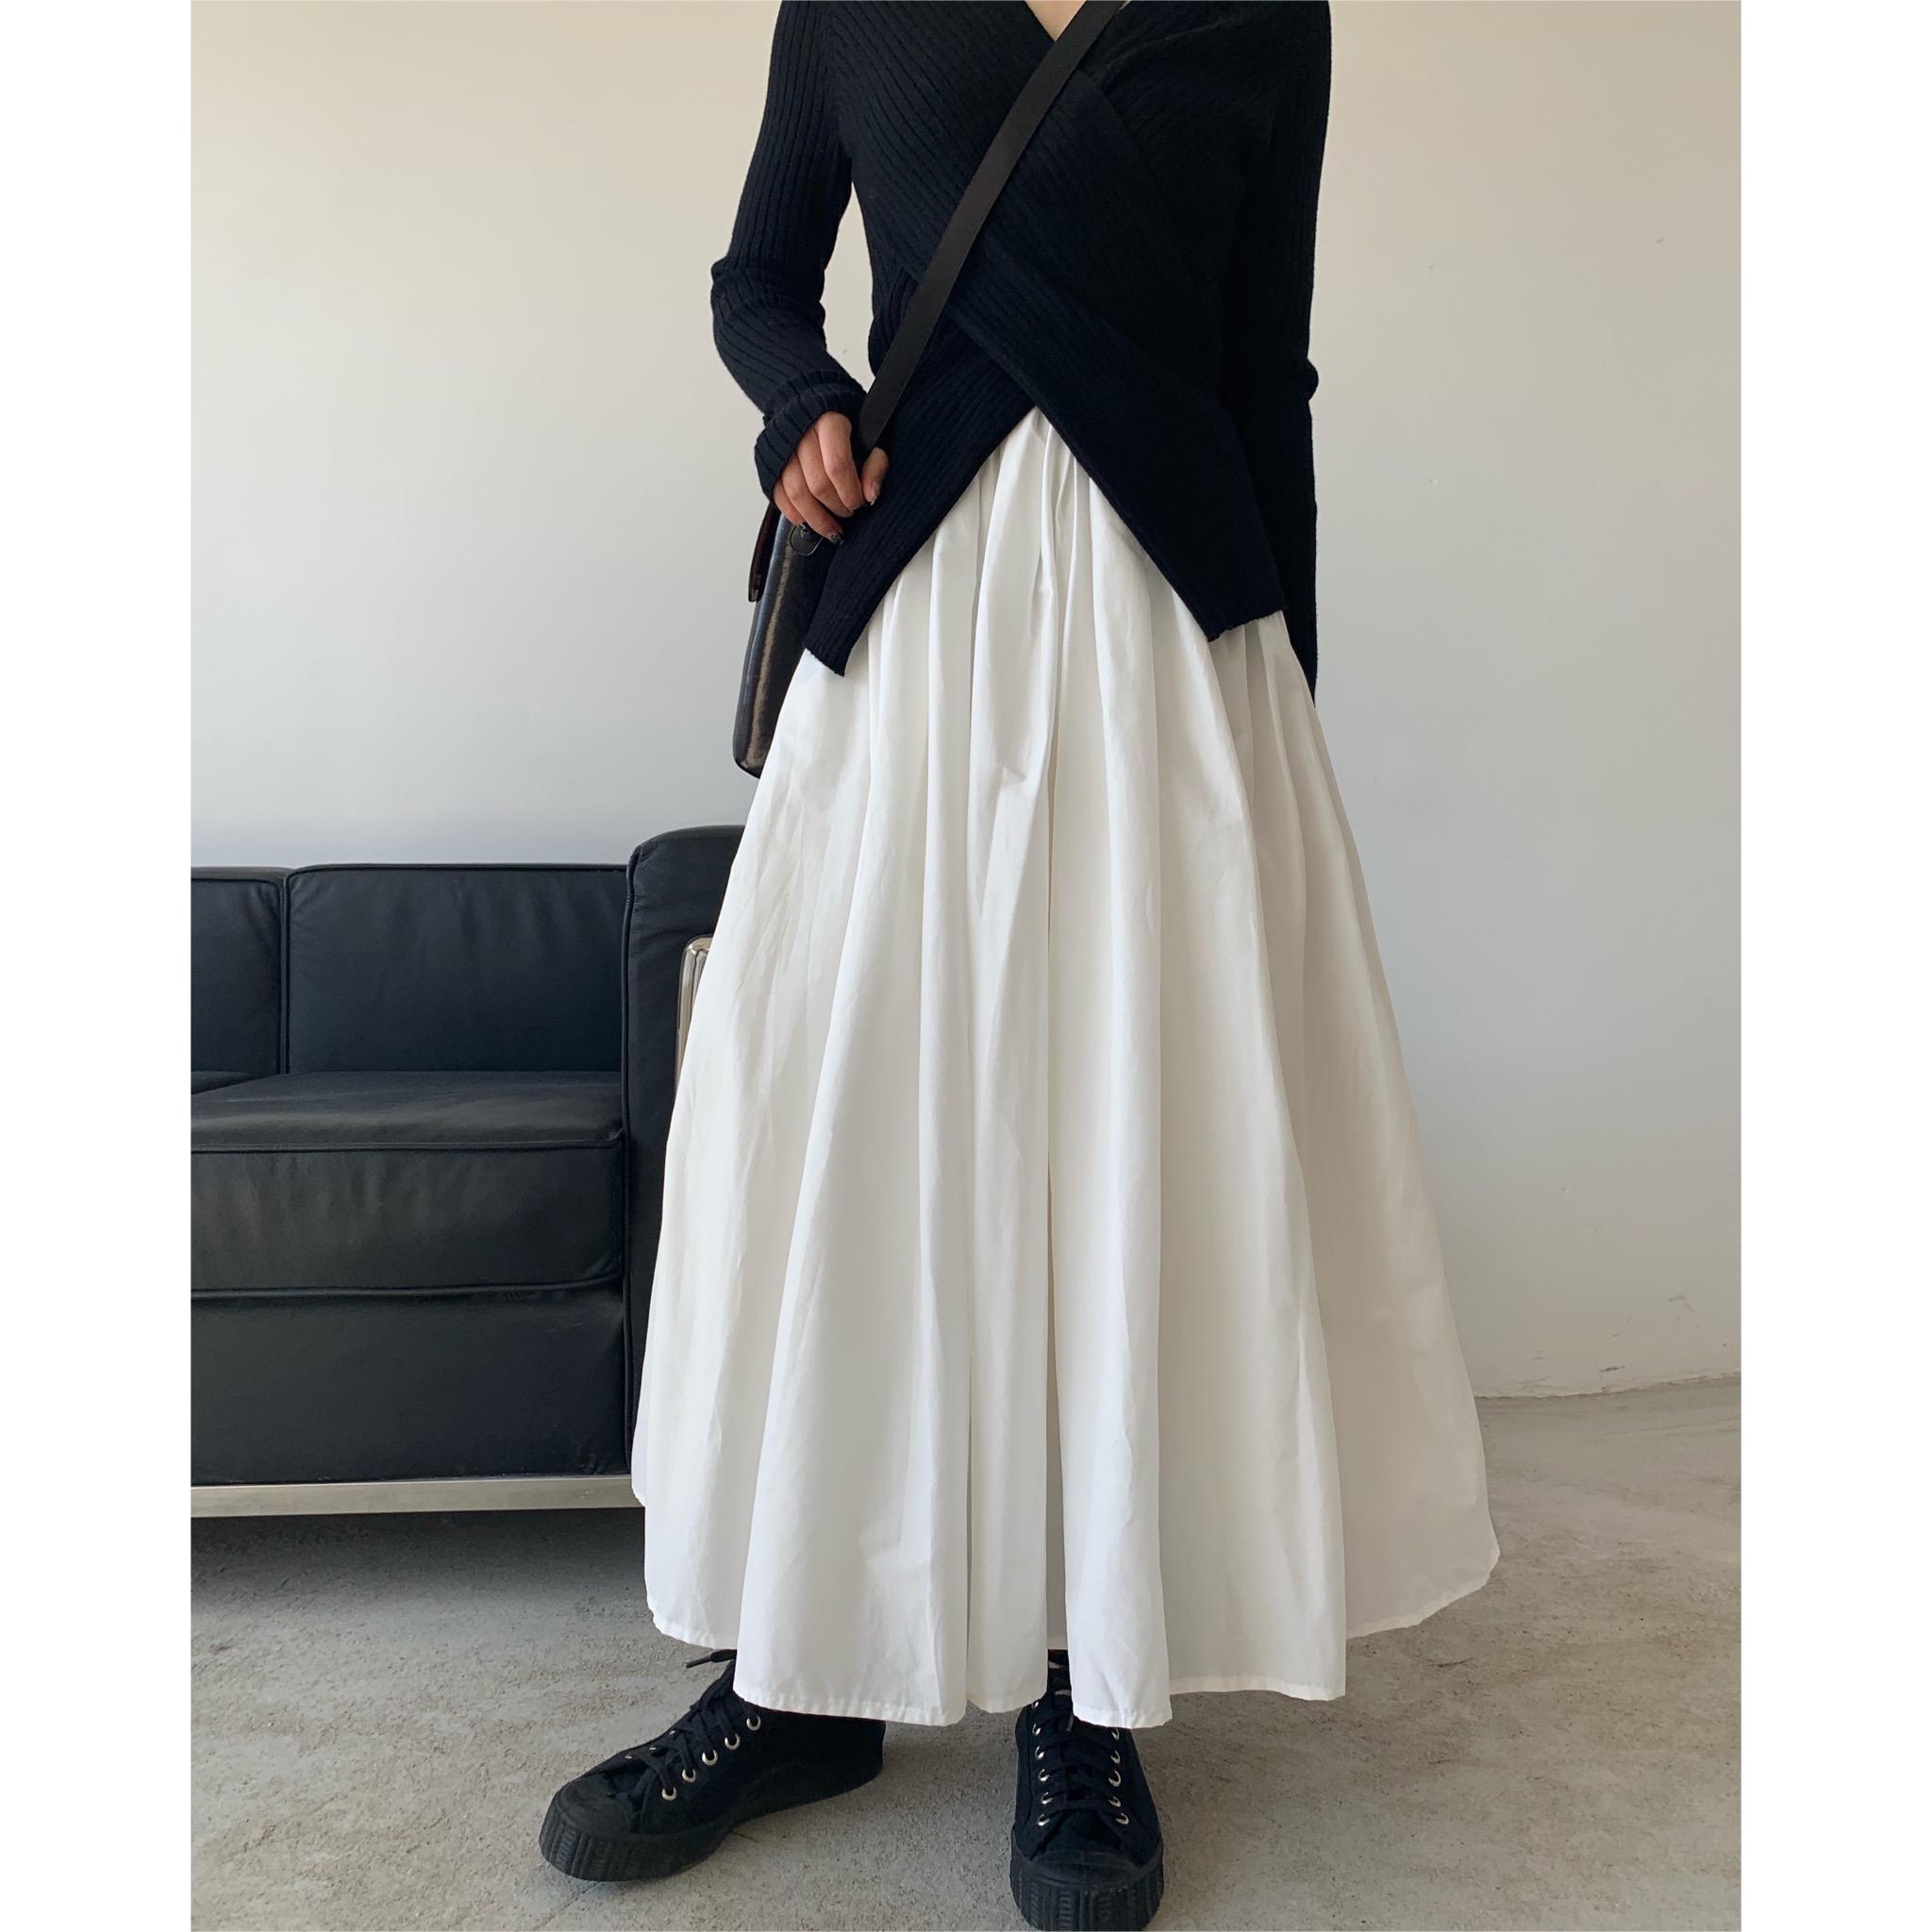 白色半身裙 拖延症  强推 自制内里拼纱重工蓬蓬白裙 超A白色半身裙_推荐淘宝好看的白色半身裙